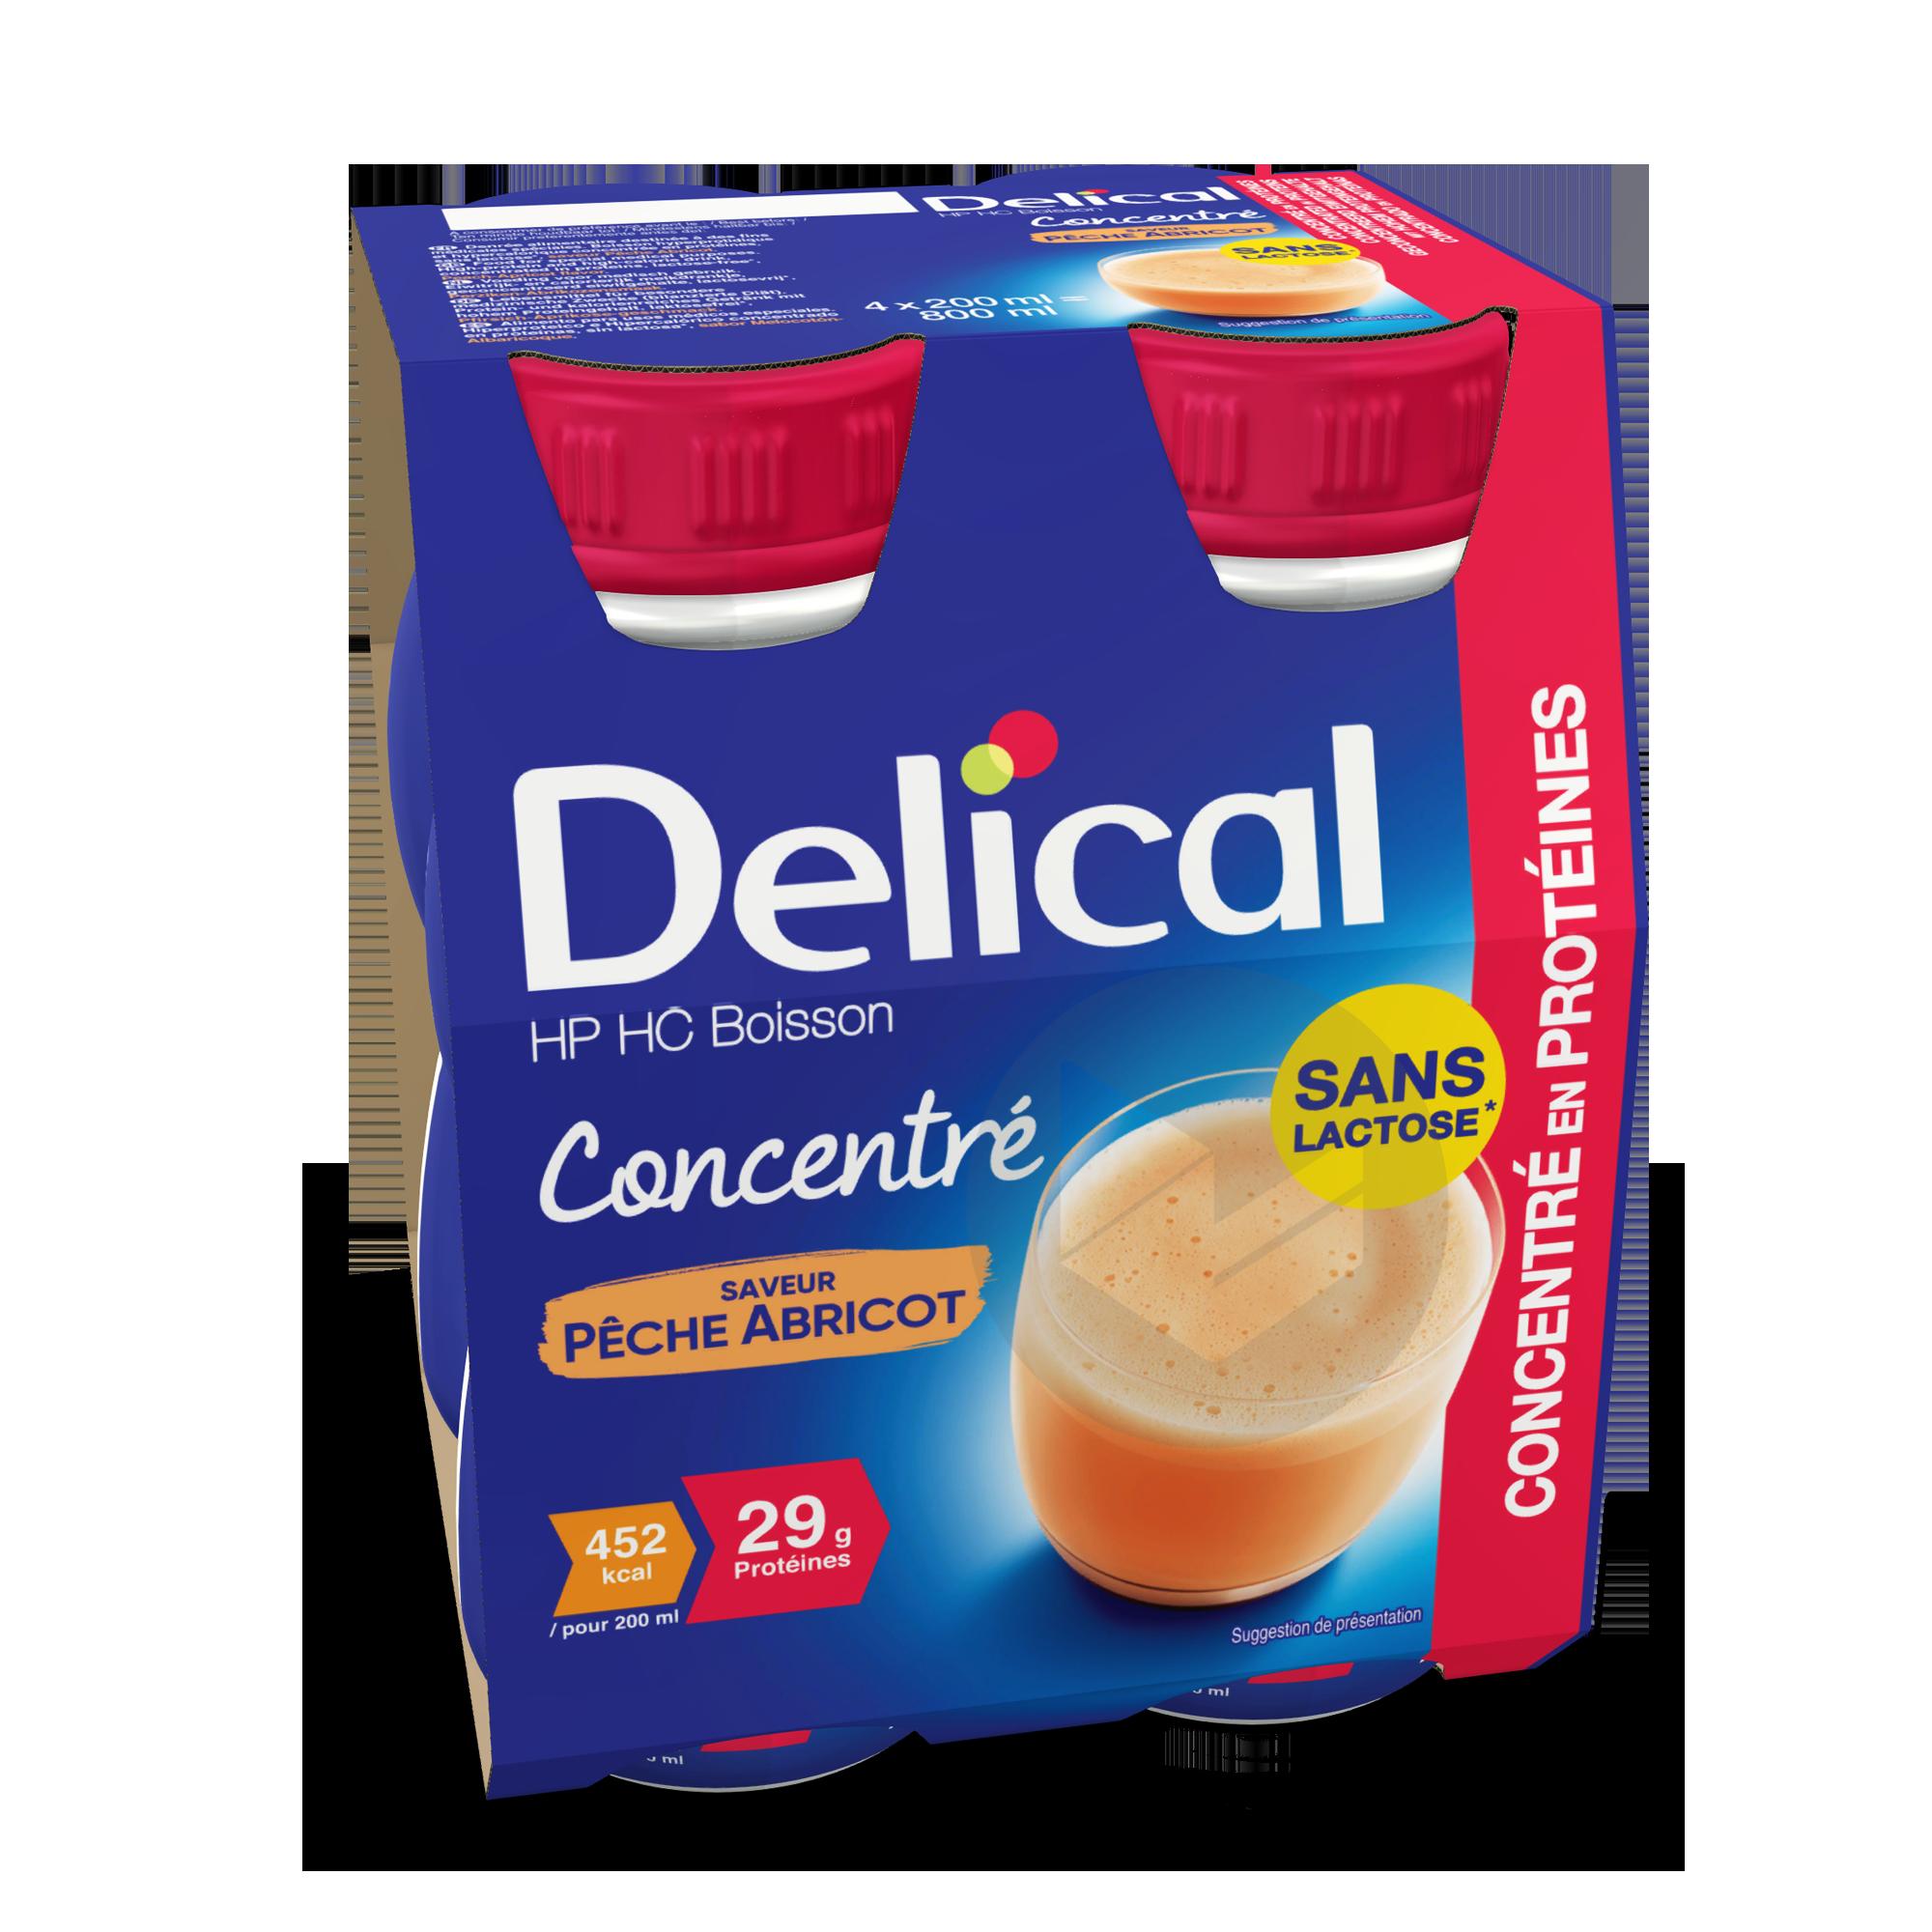 Delical Boisson Hp Hc Concentre En Proteines Sans Lactose Peche Abricot